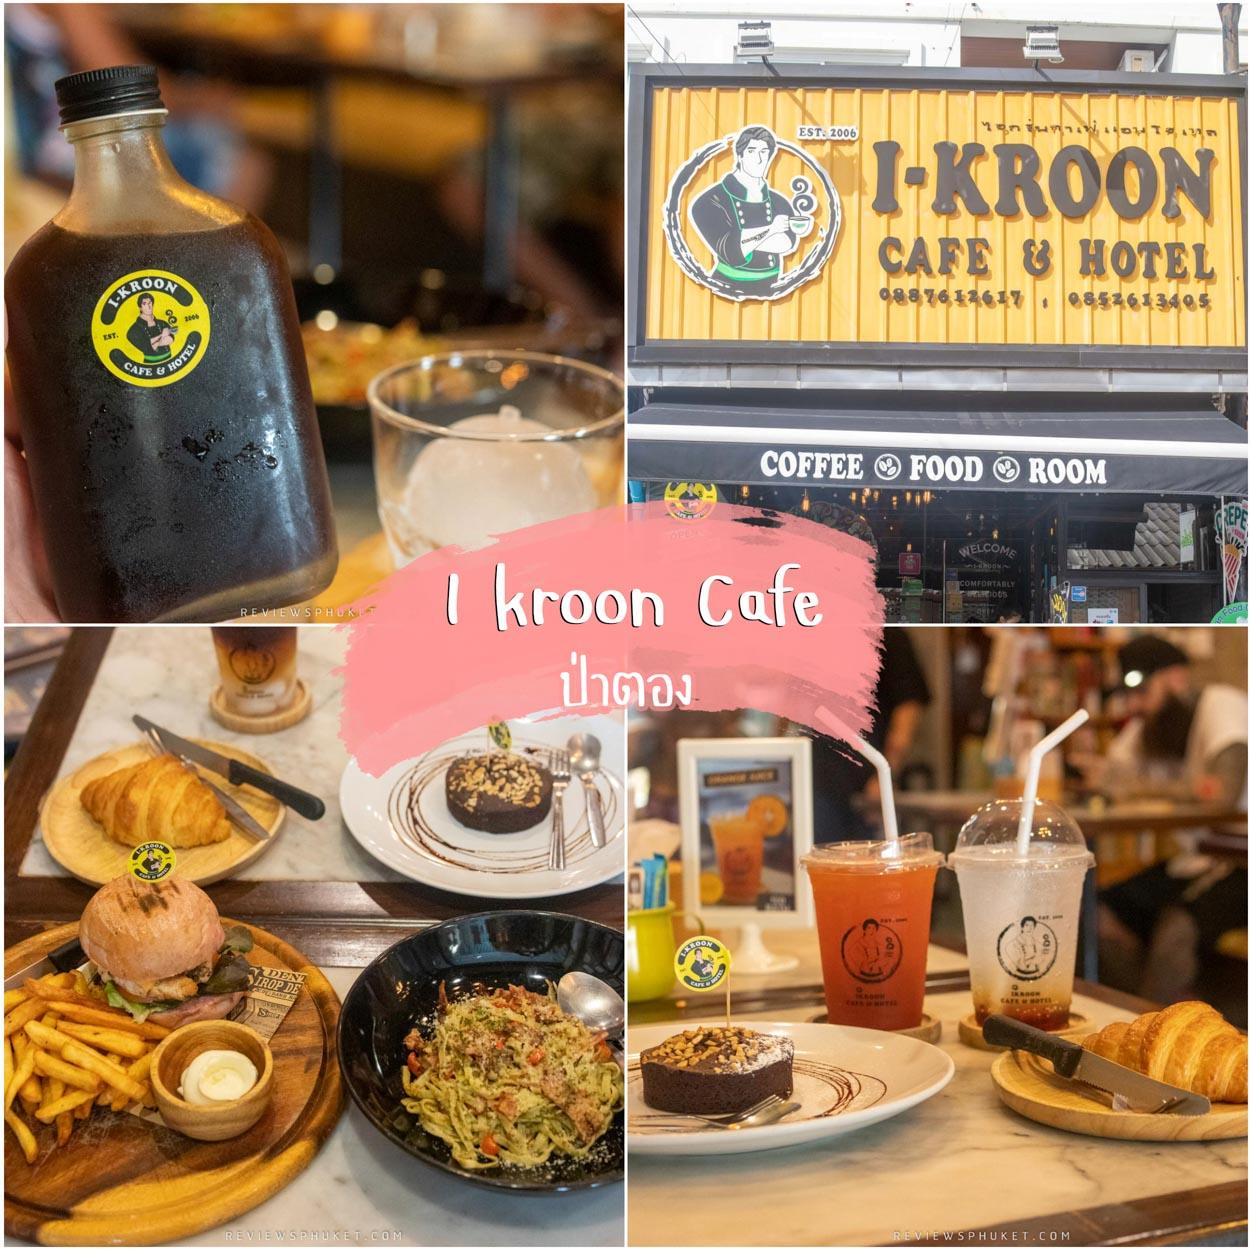 I-KROON cafe คาเฟ่ป่าตองภูเก็ต จุดเด่นคือเมนูเพื่อสุขภาพ Homemade ทั้งคาว และหวาน